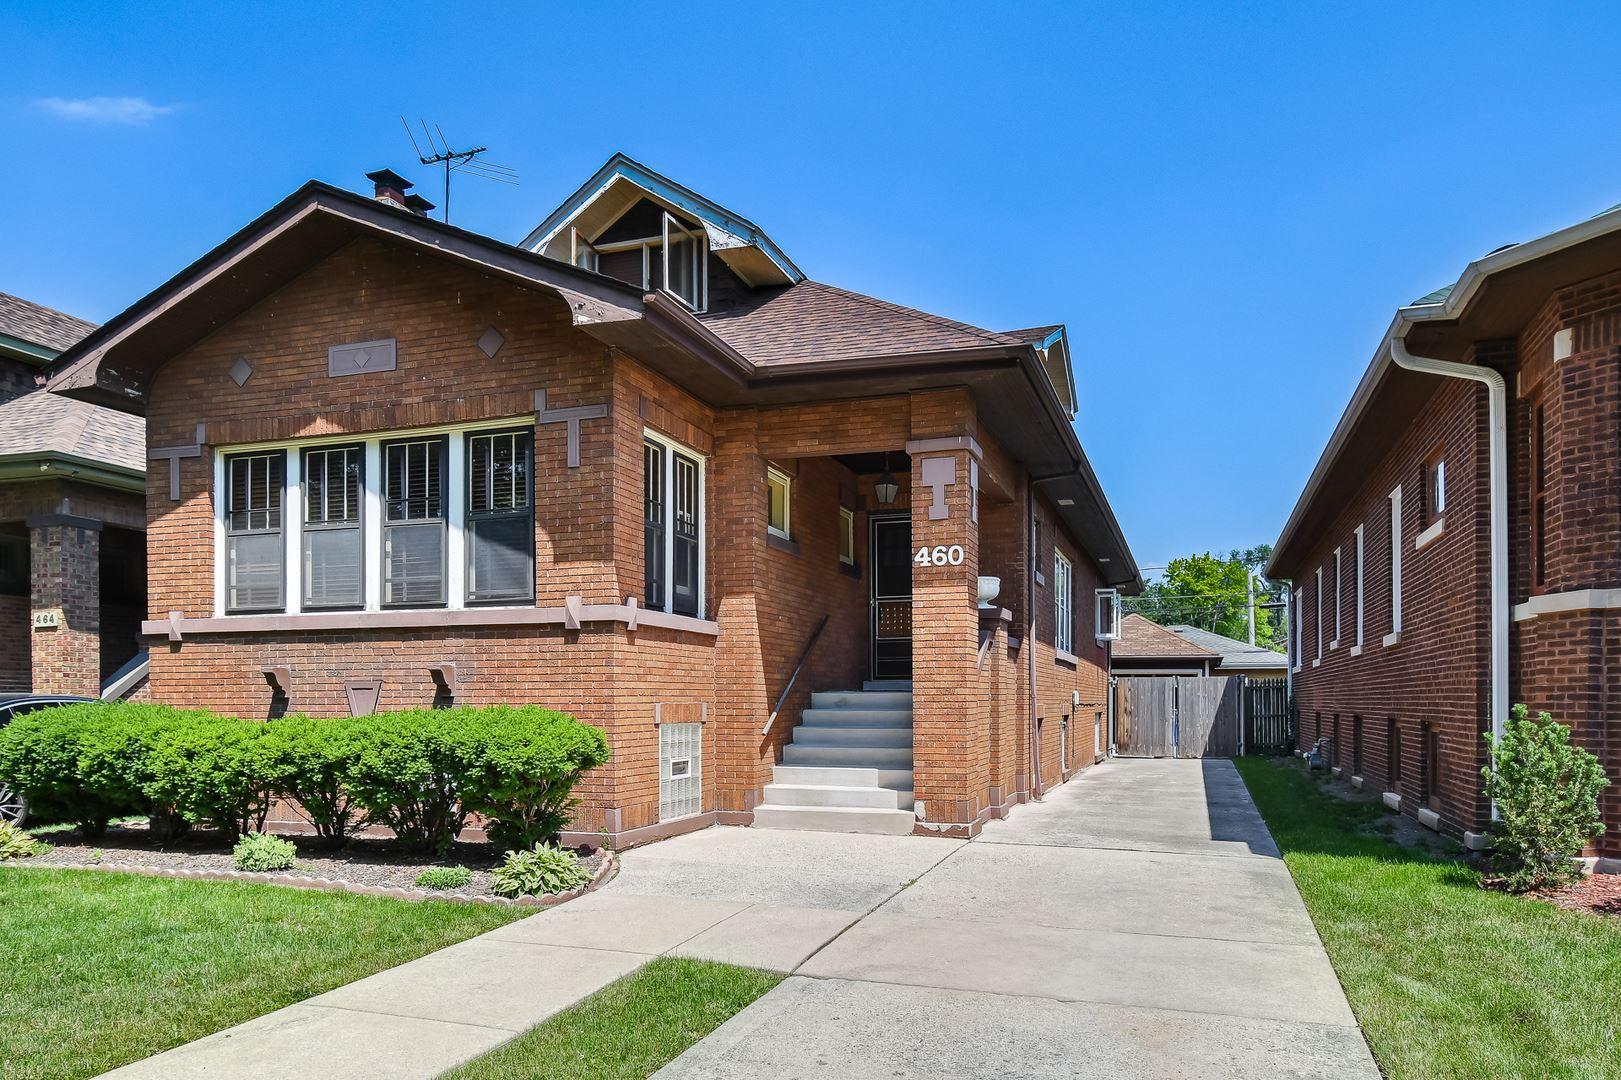 460 Lenox Street, Oak Park, IL 60302 - MLS#: 11223713